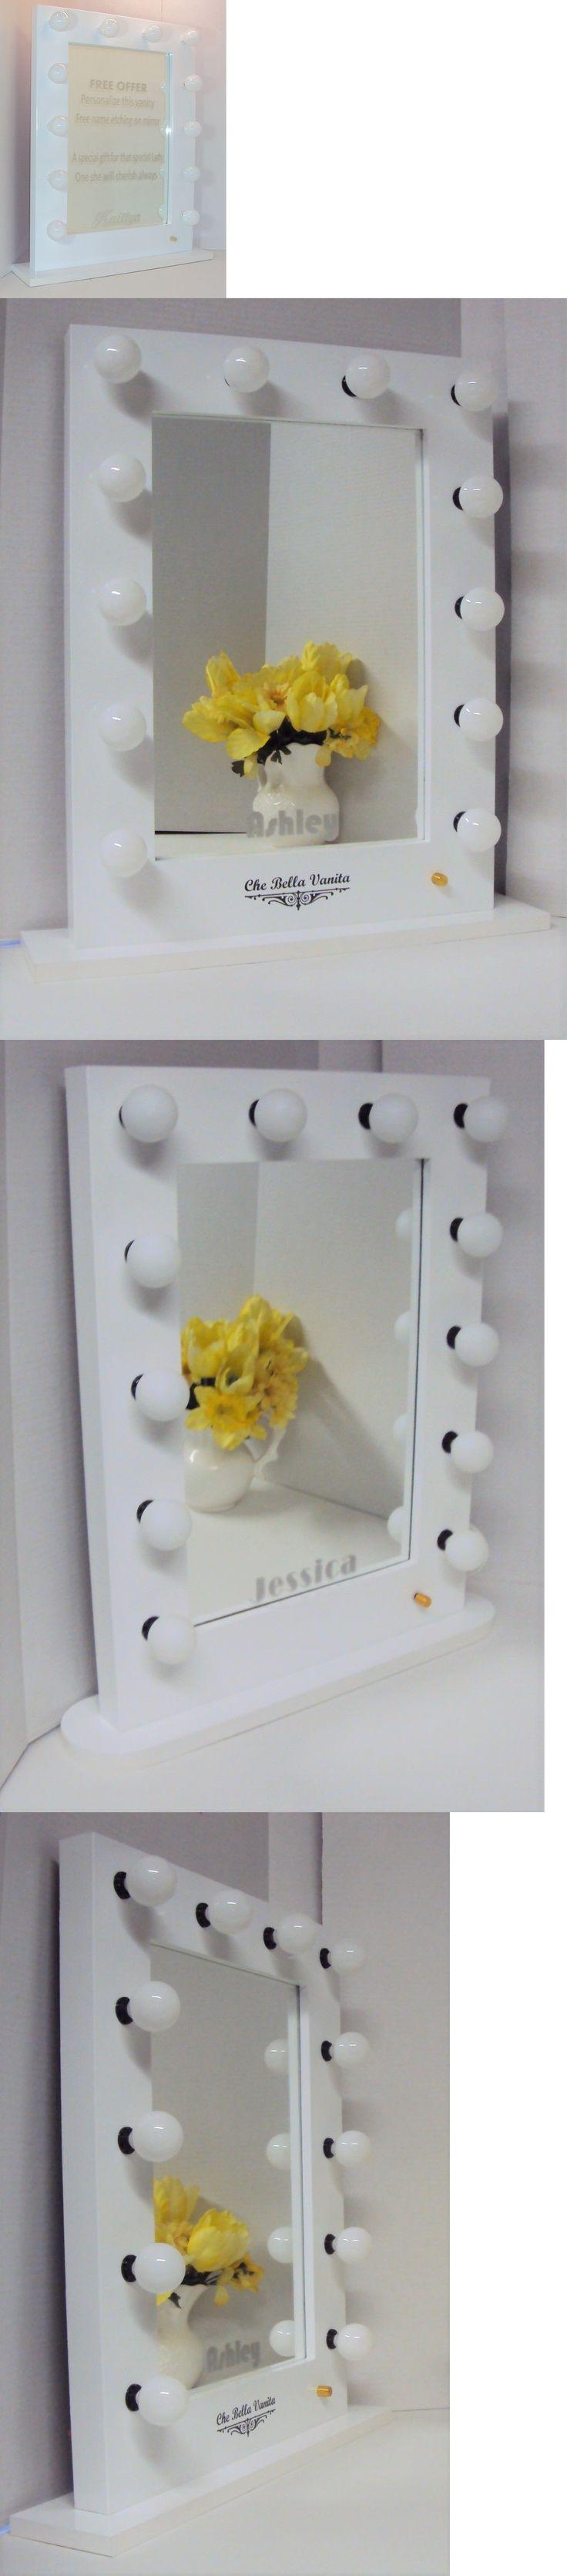 1000+ ideas about Lighted Vanity Mirror on Pinterest Mirror vanity, Diy makeup vanity and Diy ...